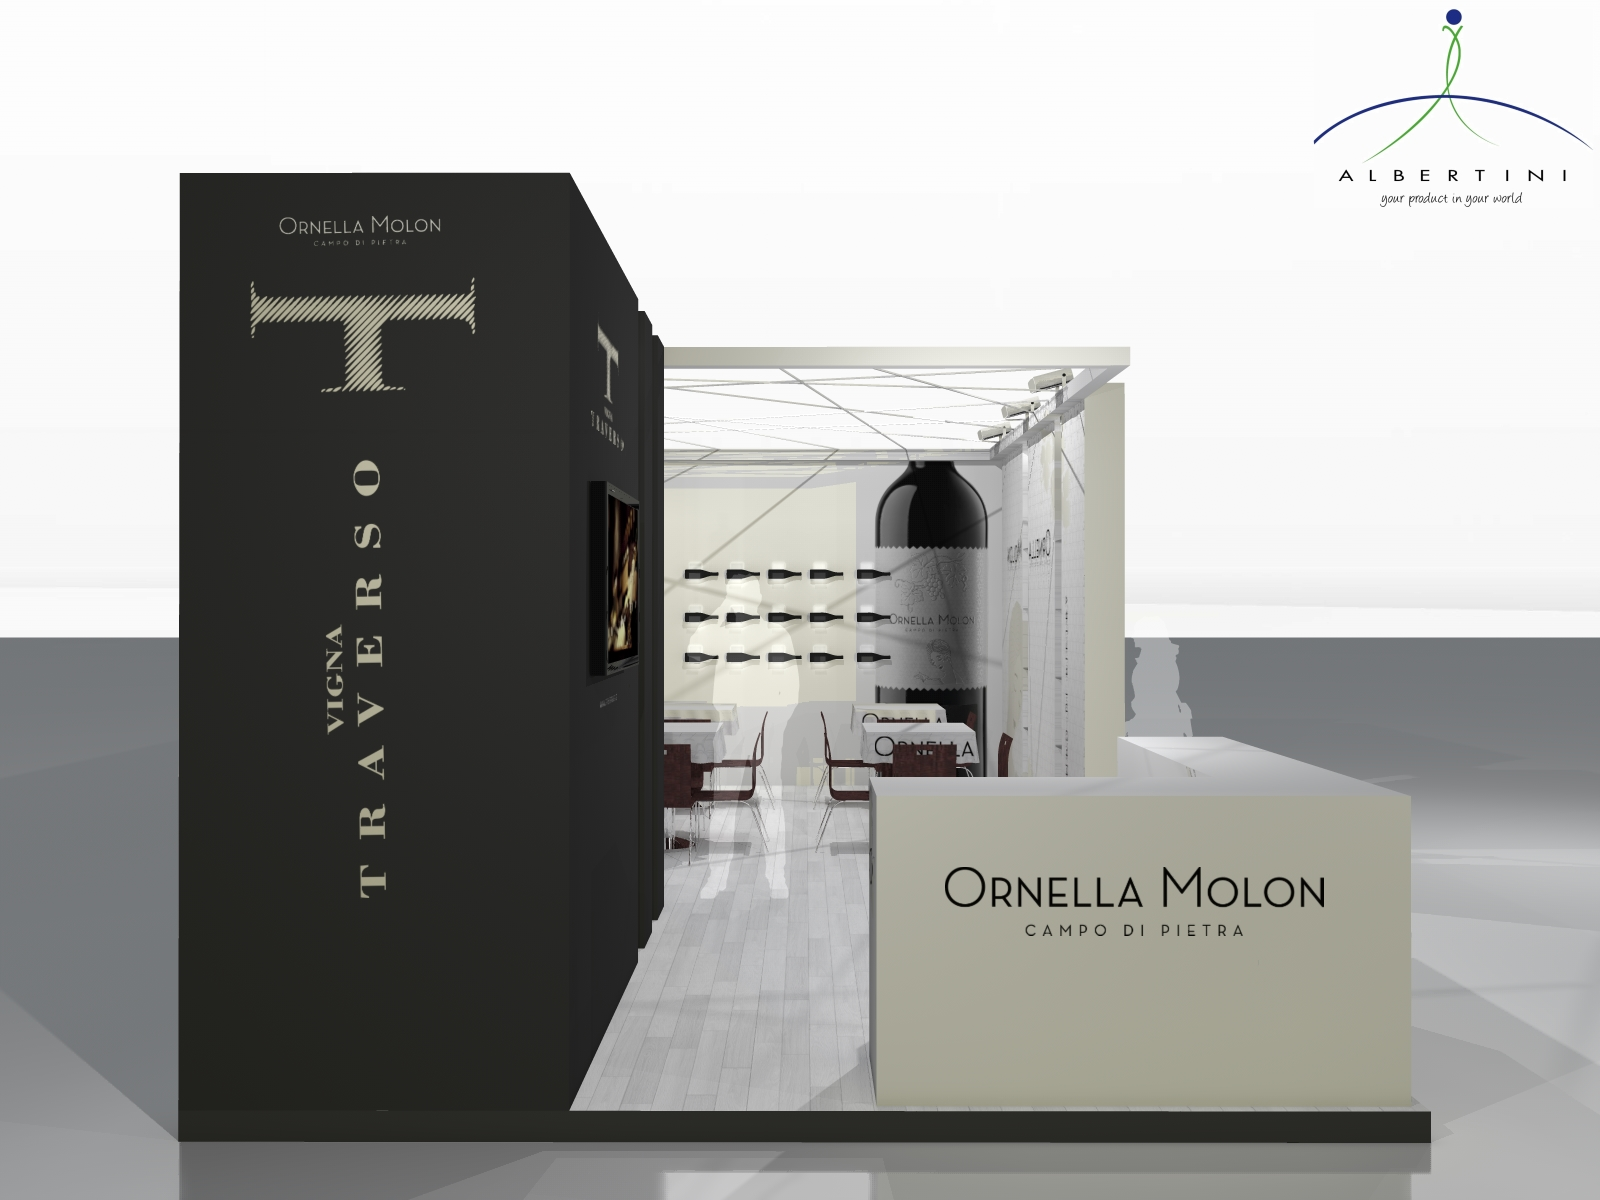 ornella molon 1.3.jpg